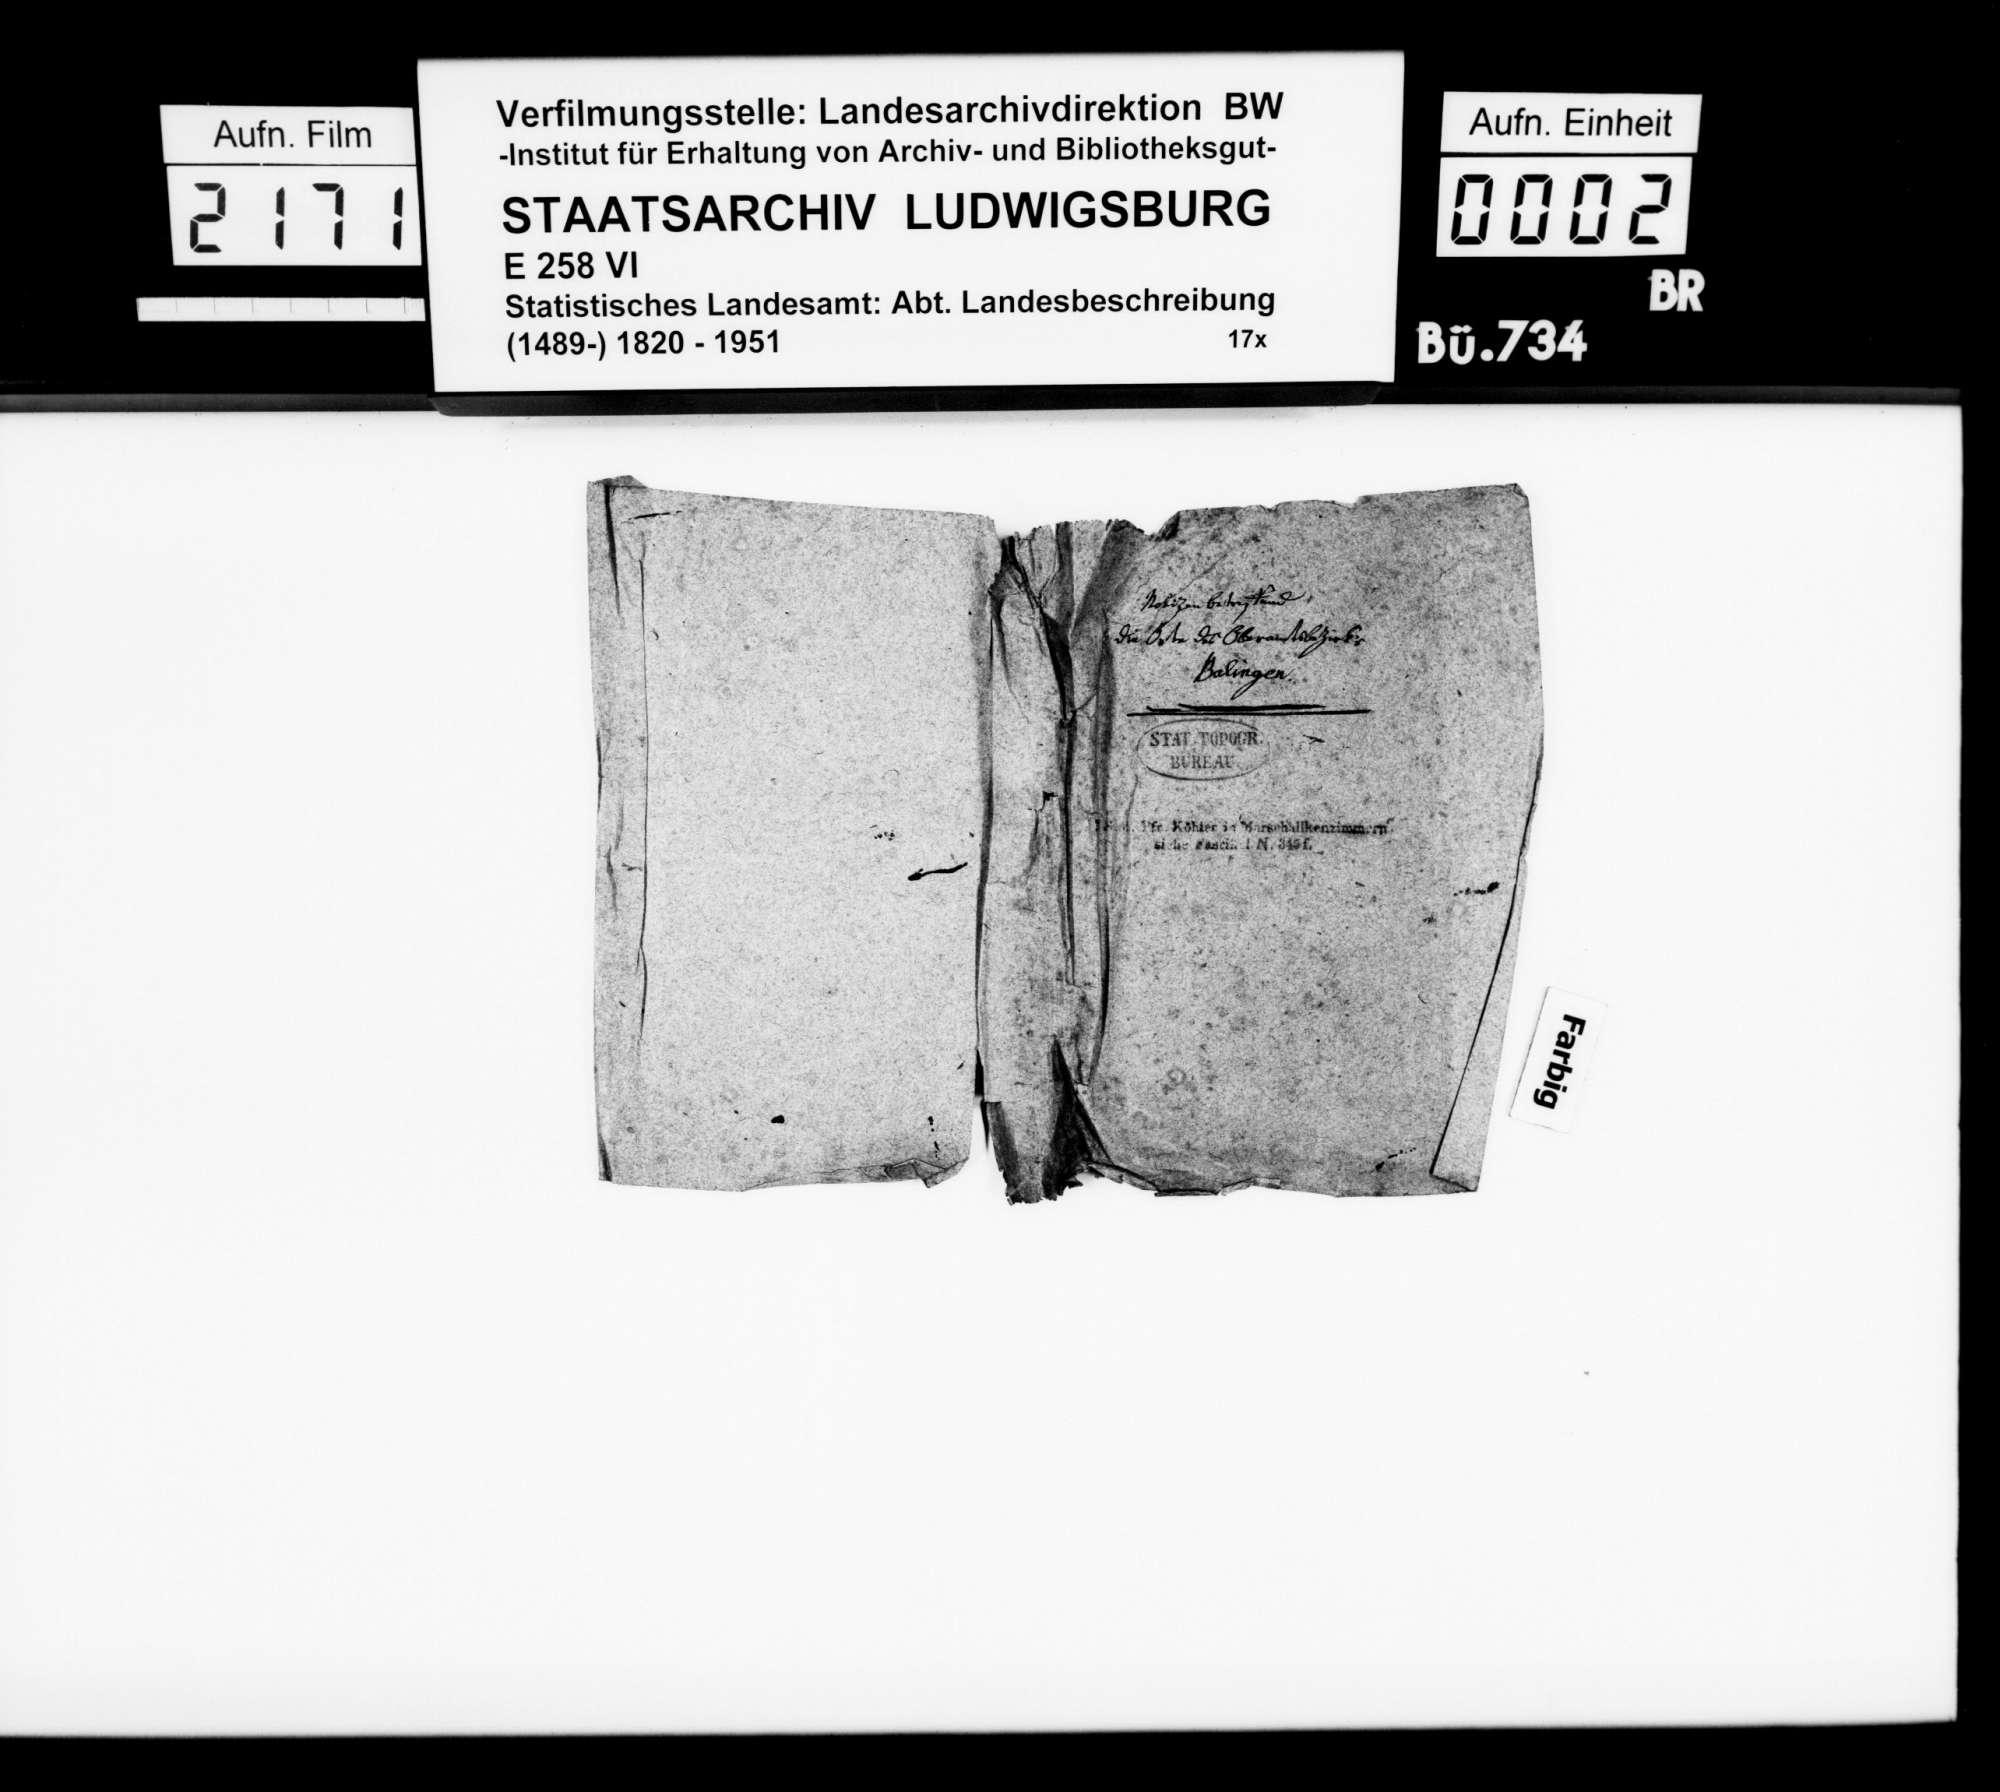 Amts- und Intelligenzblatt für den Oberamtsbezirk Balingen, Nr. 19, 21, 23 und 24 vom 5.-22. März 1864 sowie abschriftlich Nr. 25: Der große Stadtbrand in Balingen 1809, Bild 1